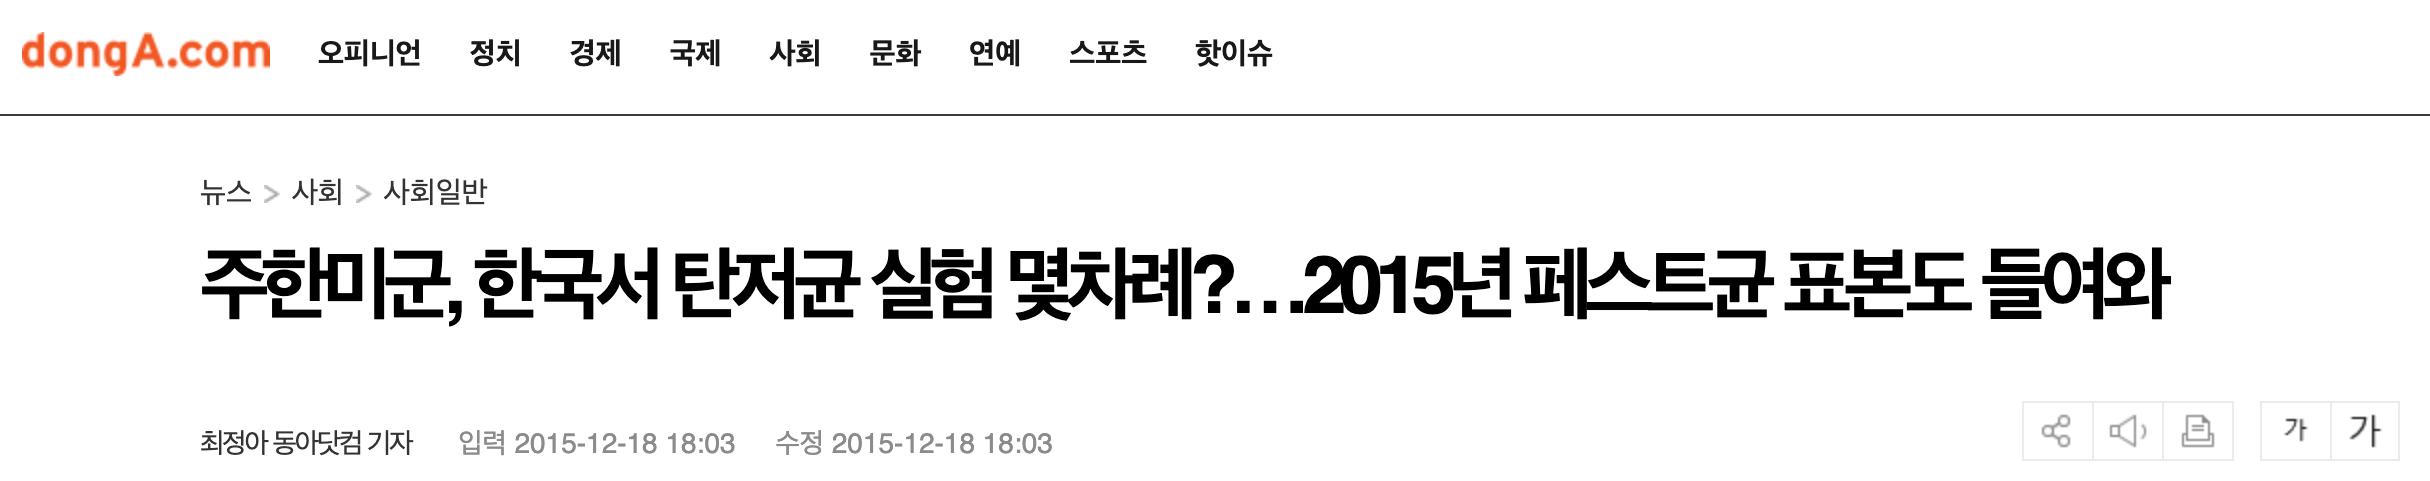 △2015年12月,韩国《东亚日报》报道:驻韩美军在韩国进行了几次炭疽杆菌试验?2015年还输进了鼠疫杆菌标本